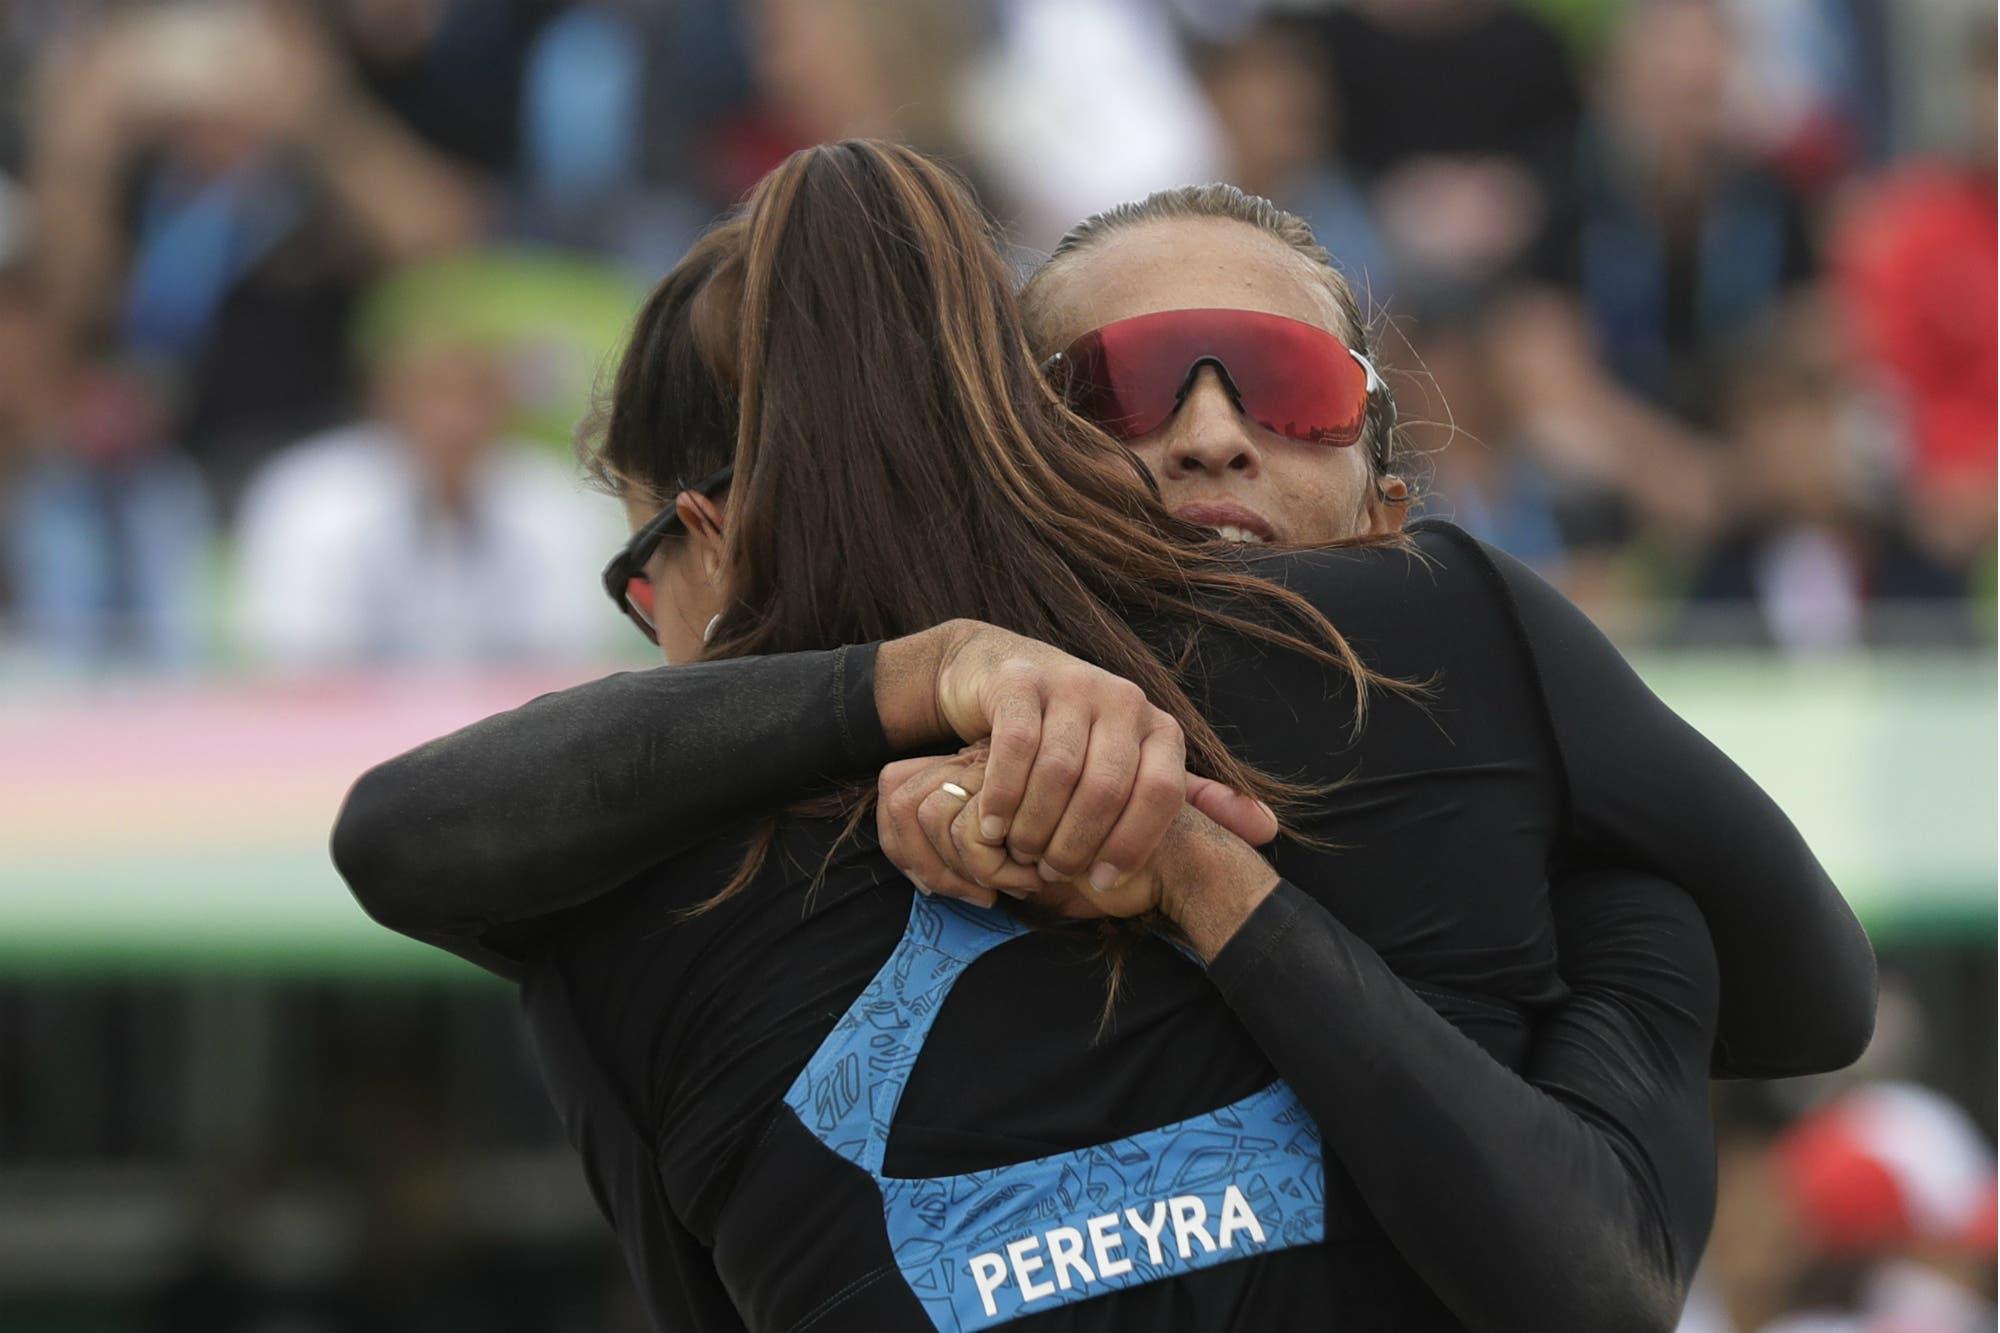 Panamericanos. Las Guerreras de la arena pelearon hasta el final: medalla plateada en beach volley